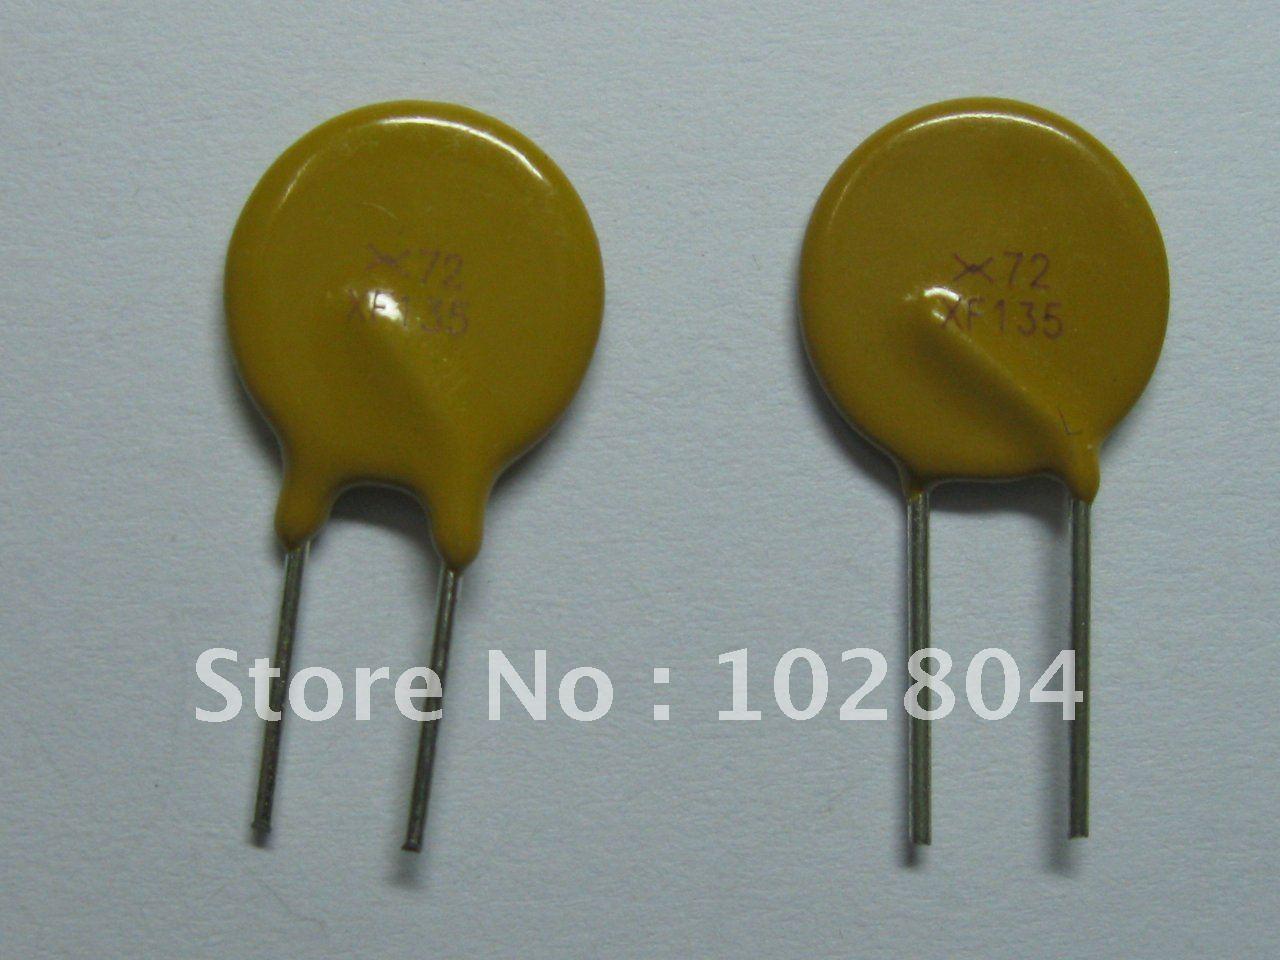 200 шт. 72 в 1.35A полипереключатель радиальный этилированный PPTC сбрасываемый предохранитель